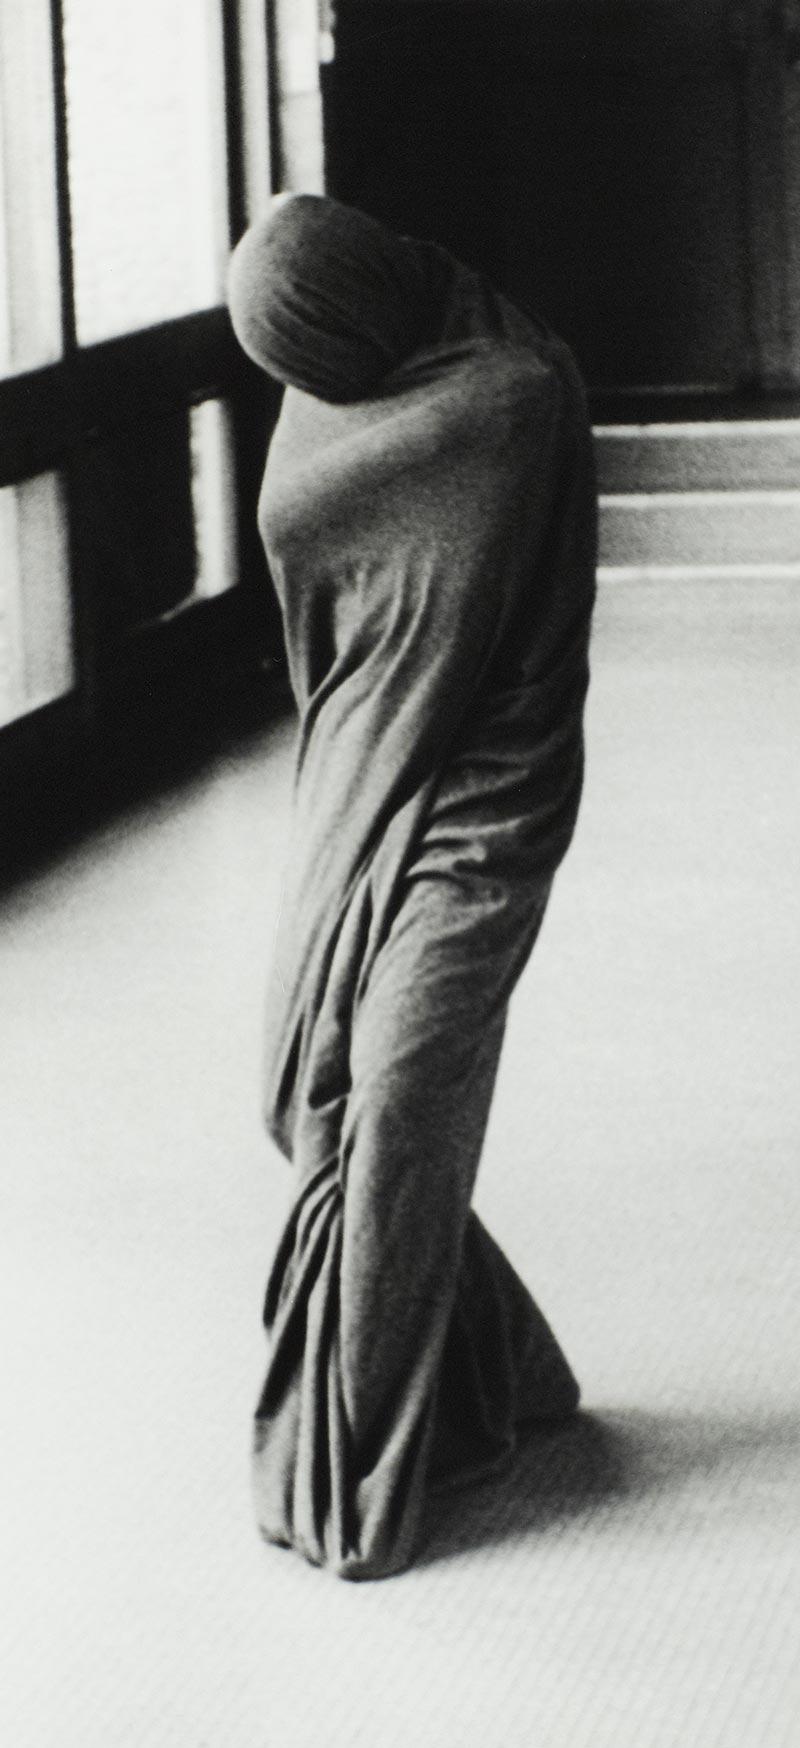 Galerie photo artistique d'art noir et blanc je suis un tube, galerie photos artistiques d'art noir et blanc je suis un tube, collection série photographie artistique d'art je suis un tube signée Florence boisson, photographe artiste, florence boisson photographe et modèle, photo femme objet, photo voile femme, photo intérieur studio, photo danse et expression corporelle, Florence Boisson photographie du mouvement et du corps, photographie noir et blanc, photographie de l'invisible de la sensibilité, photo voile femme hommage à Loïse Fuller Isadora Duncan, photo champ région de Fontainebleau, Photo d'art femme statue noir et blanc Photos d'art noir et blanc femme objet, Photo art moderne et contemporain Florence Boisson, Florence Boisson photographe artiste